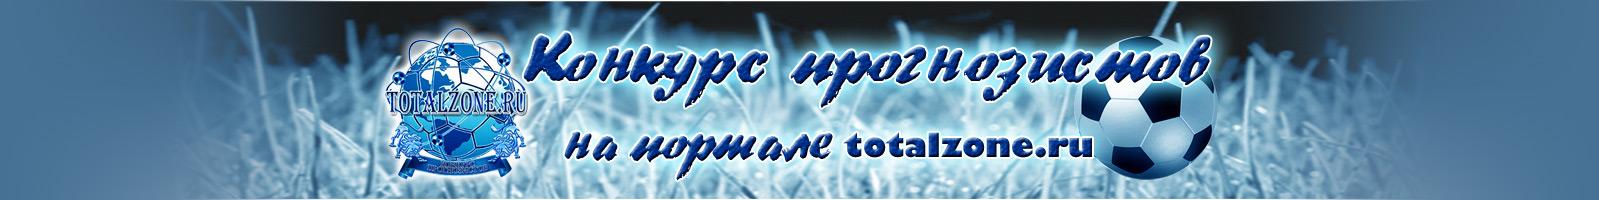 Конкурс прогнозистов на портале totalzone.ru